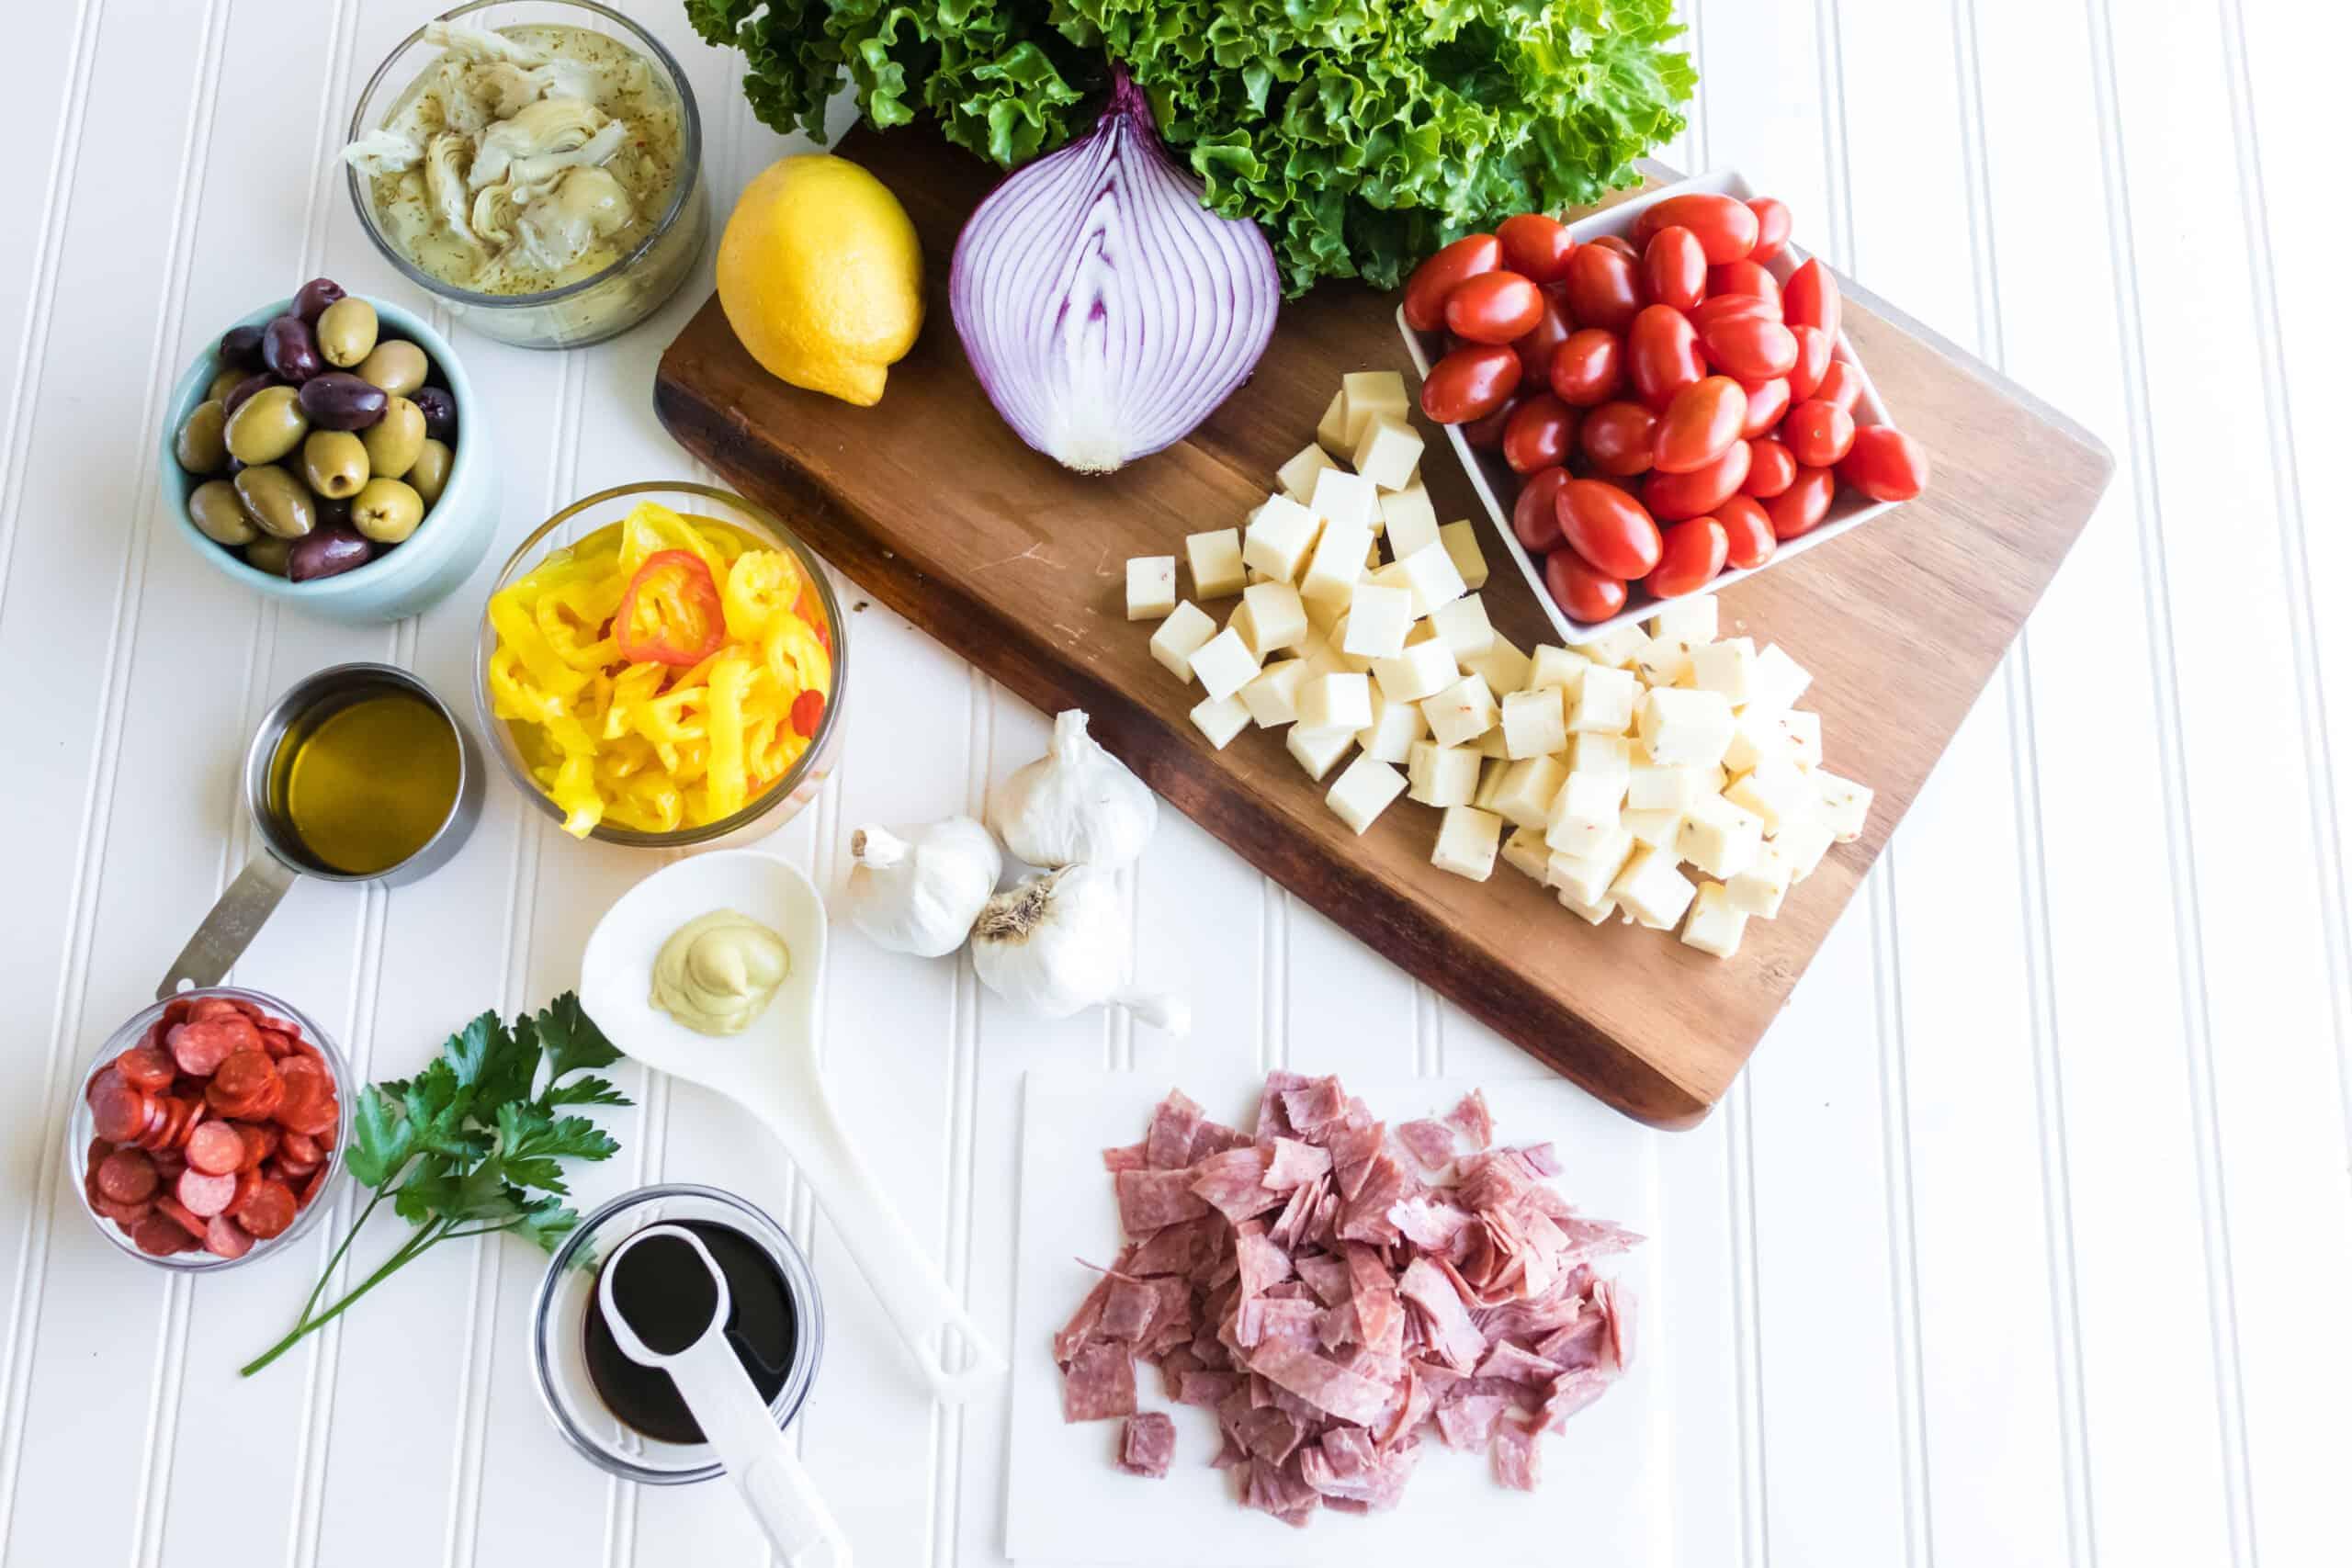 ingredients to make antipasto salad